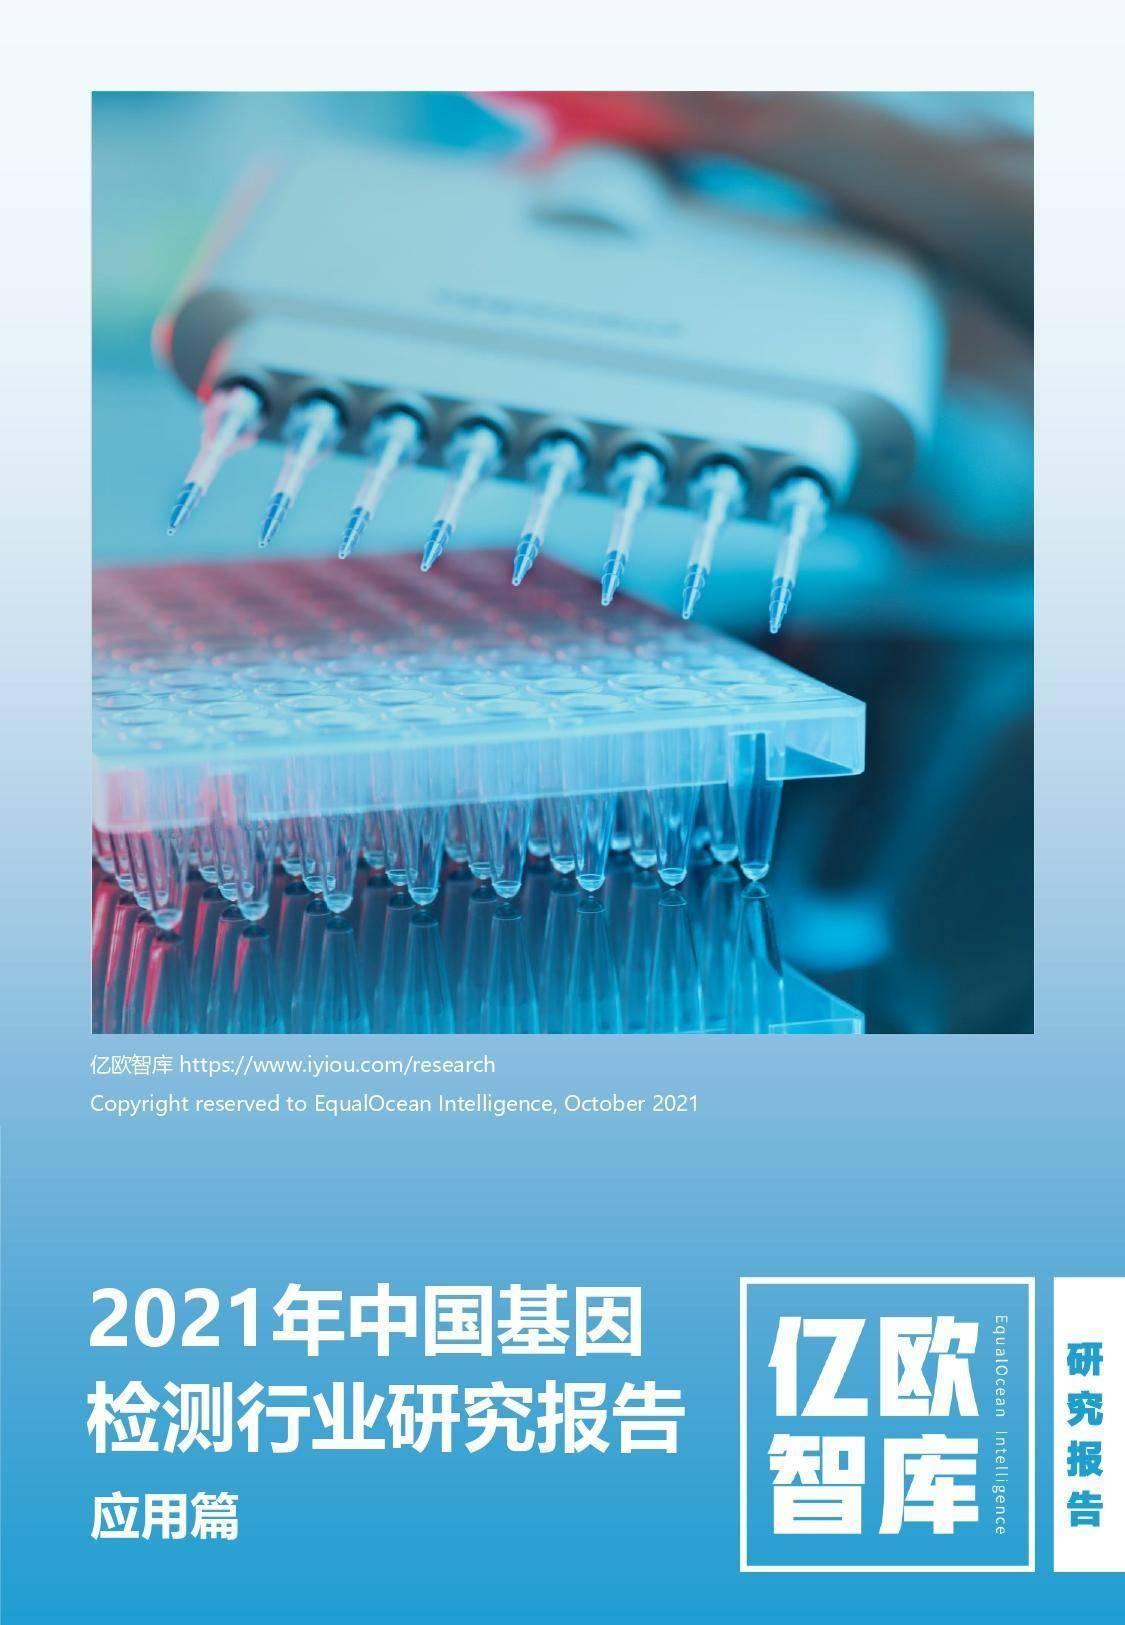 亿欧智库:2021年中国基因检测行业研究报告应用篇